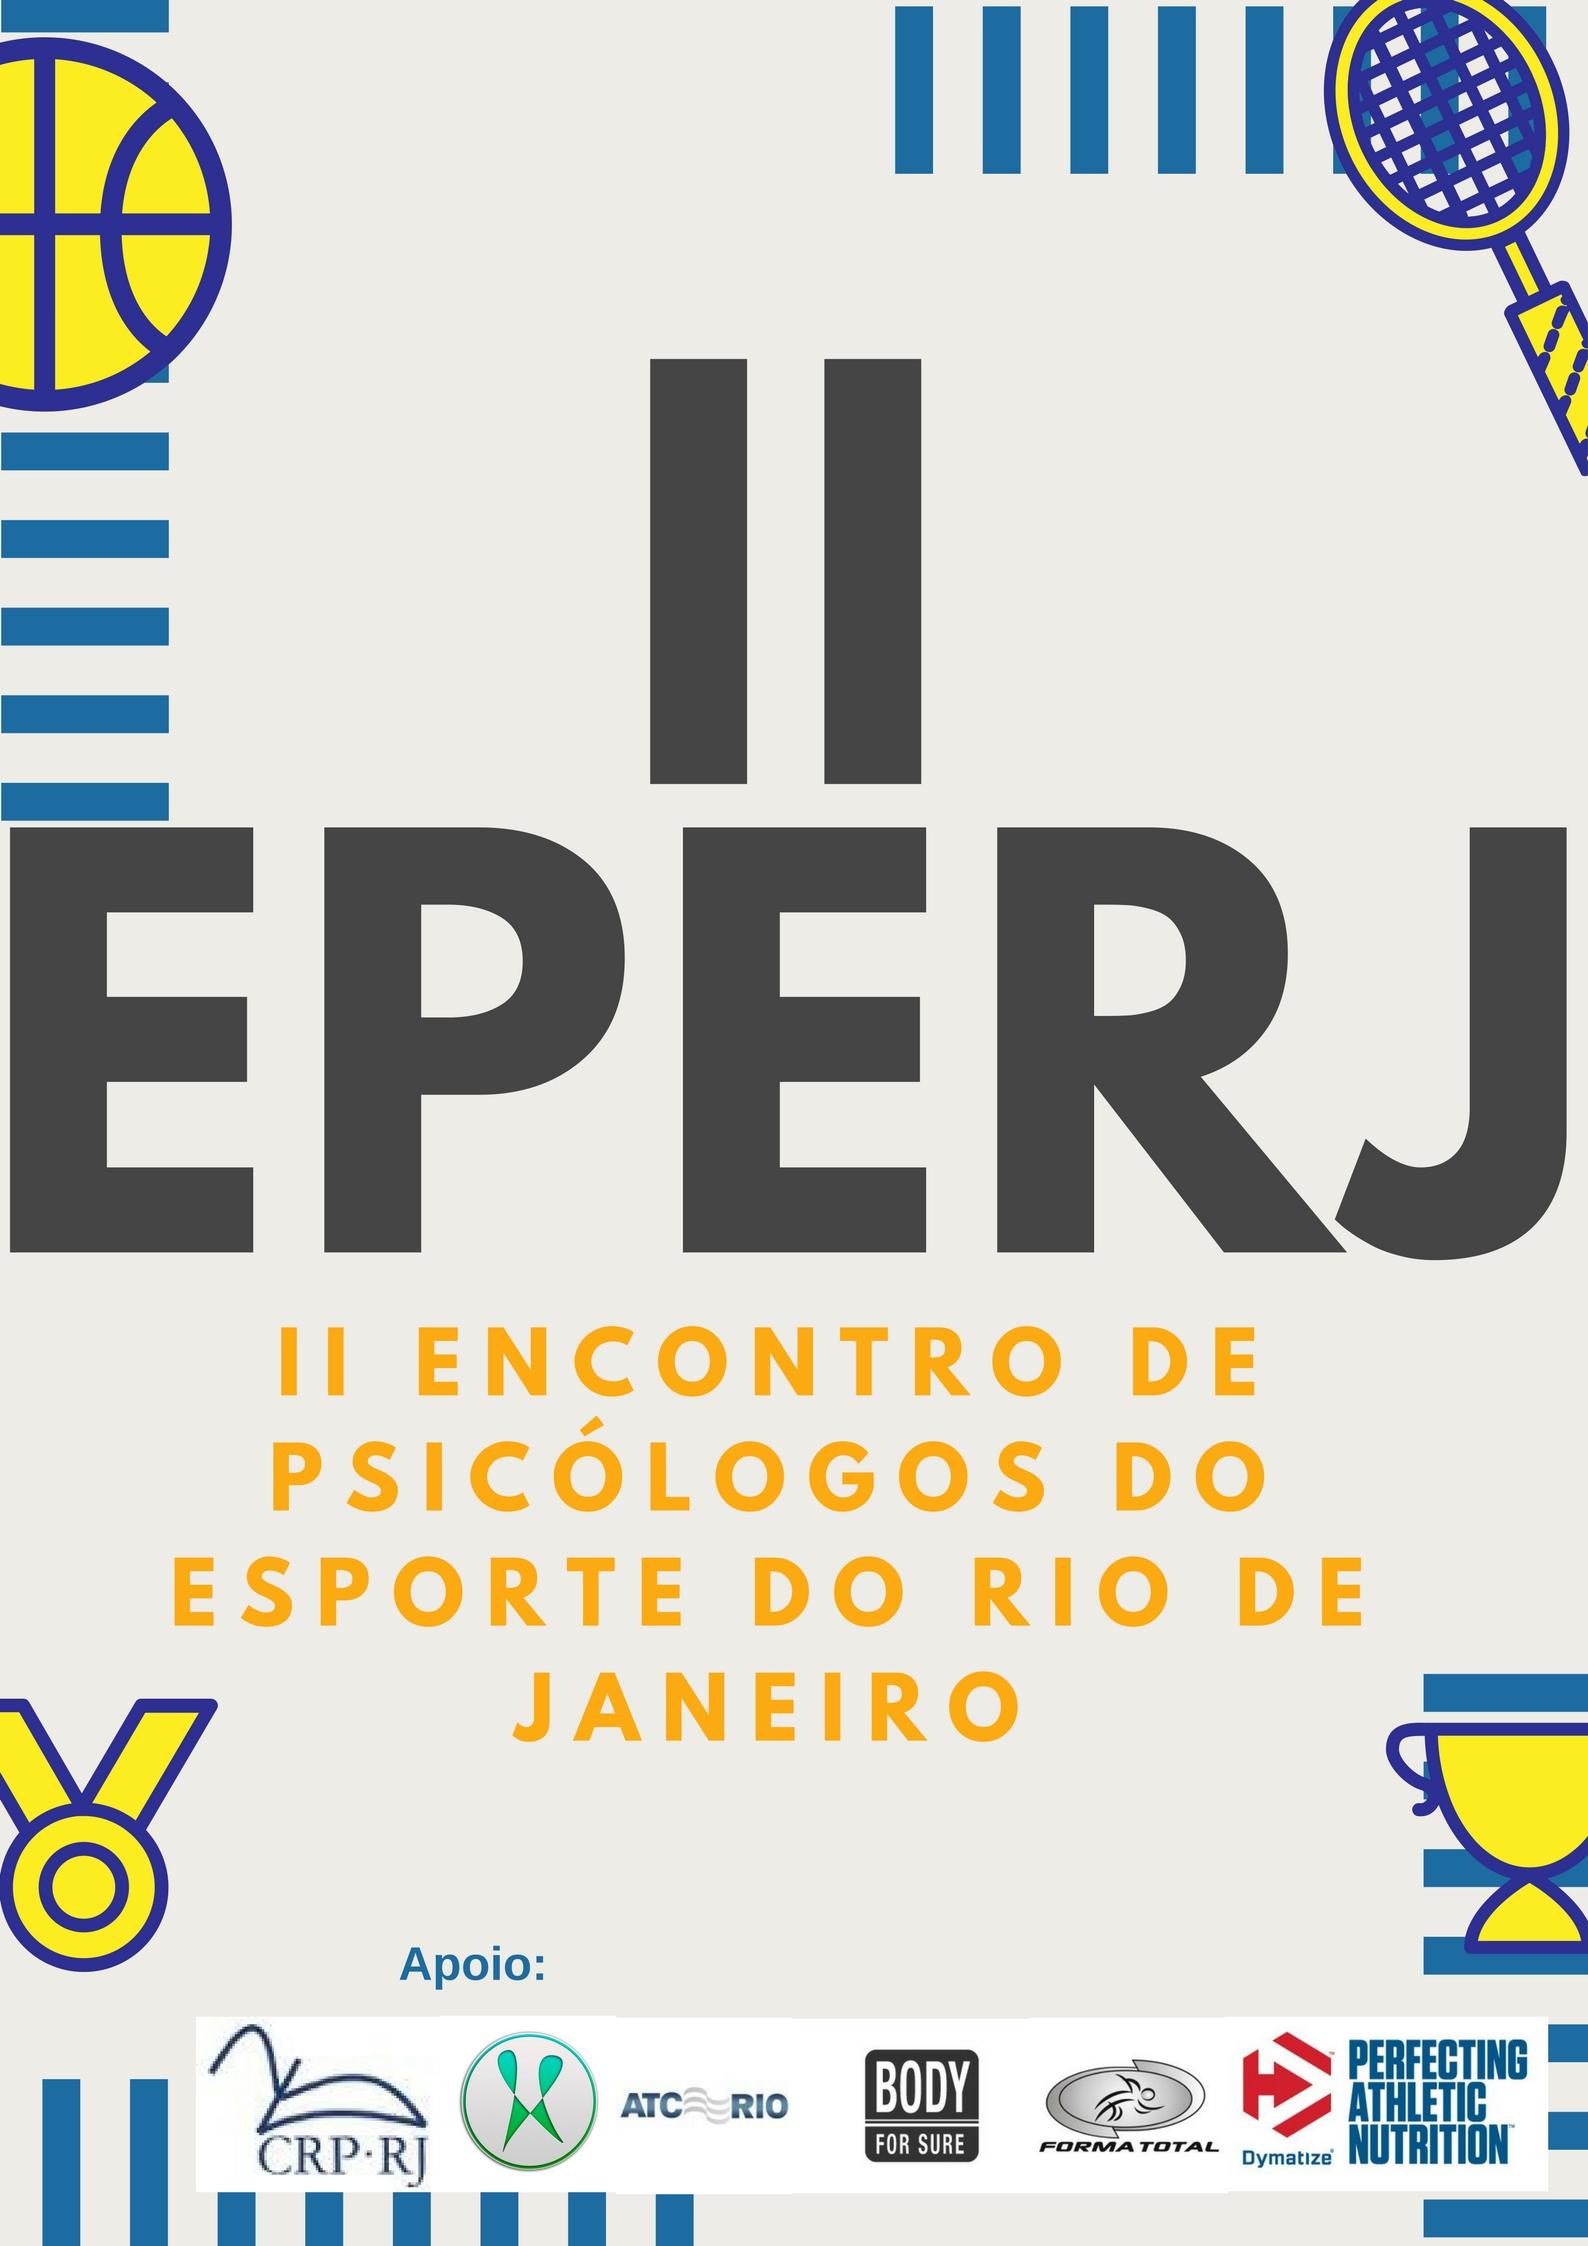 IIEPERJ_logo(2)